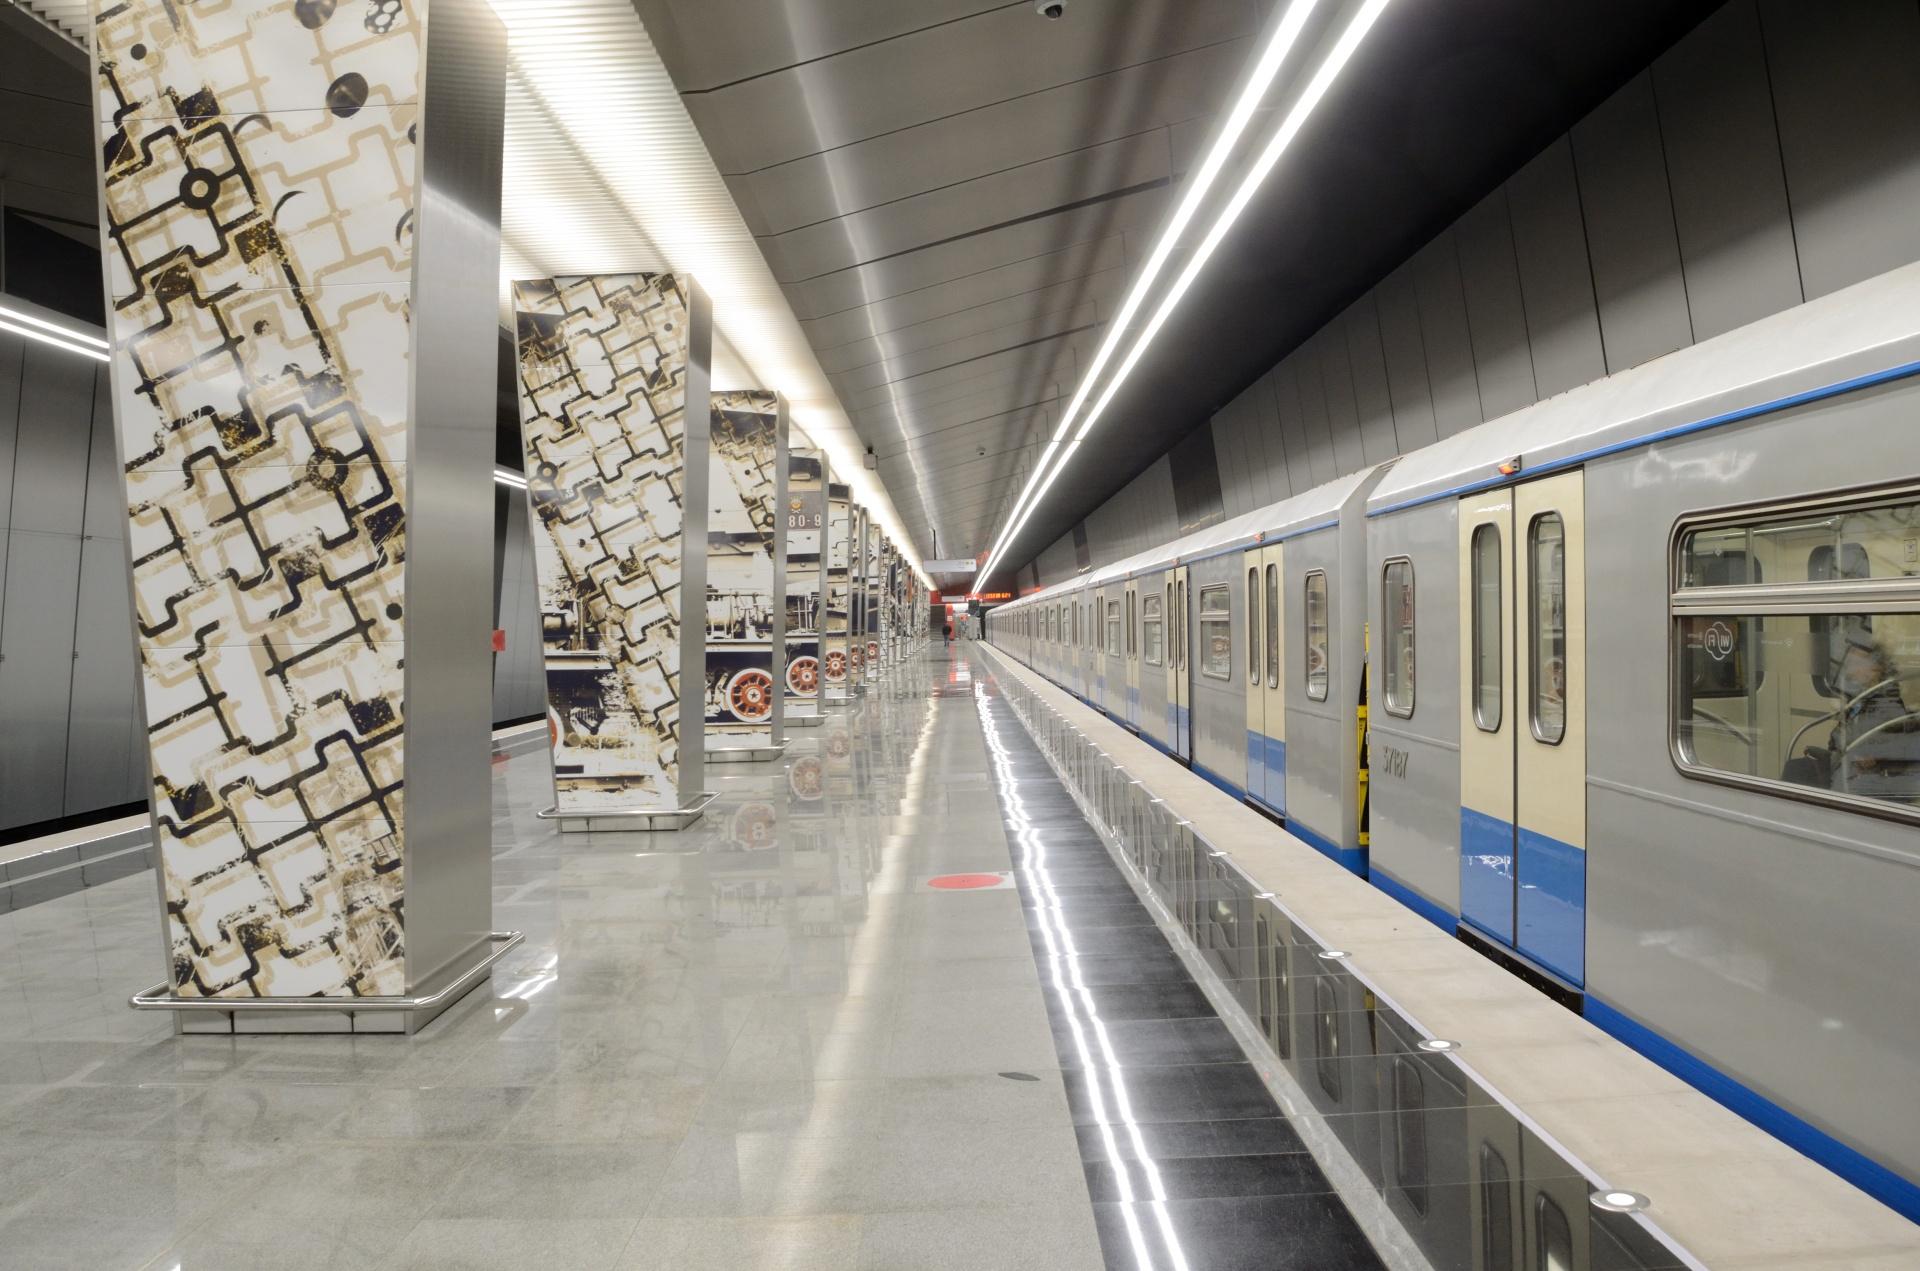 вершине картинка с ветками метро надеяться, что сложная